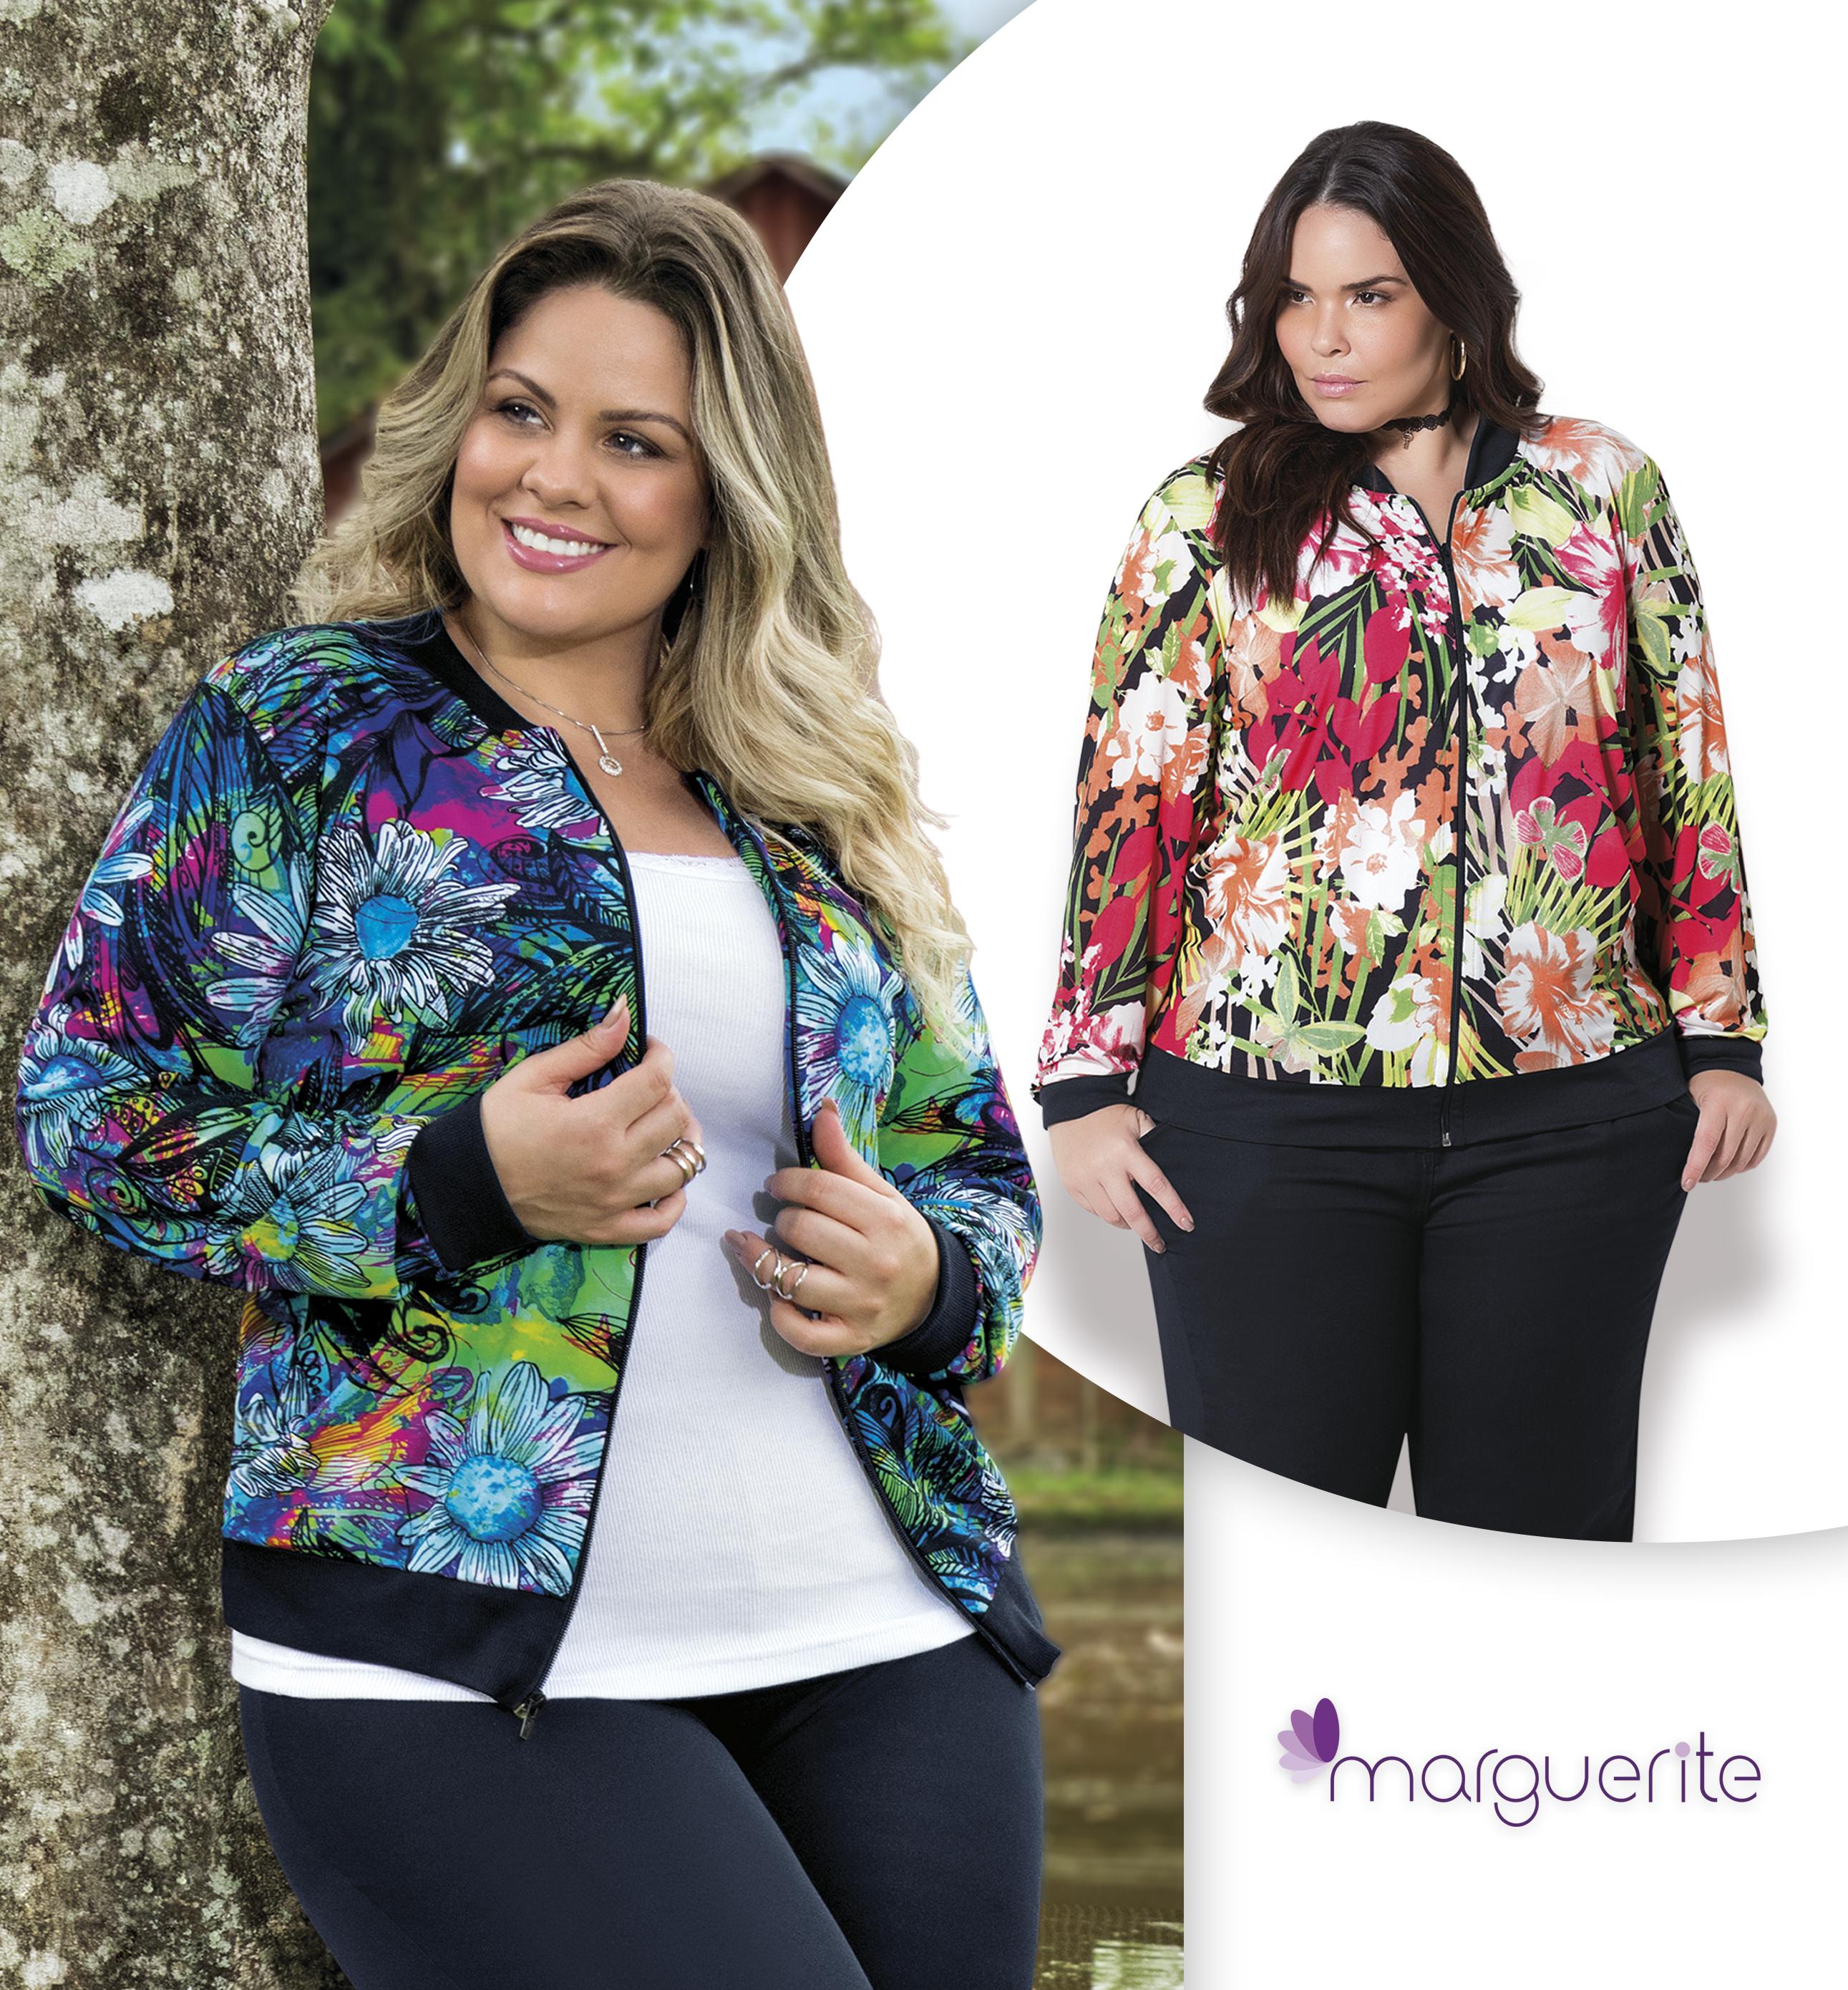 e7b51d0bf Encontre a coleção completa de Marguerite moda Plus Size nas revistas  Quatro Estações ou acesse nosso site!